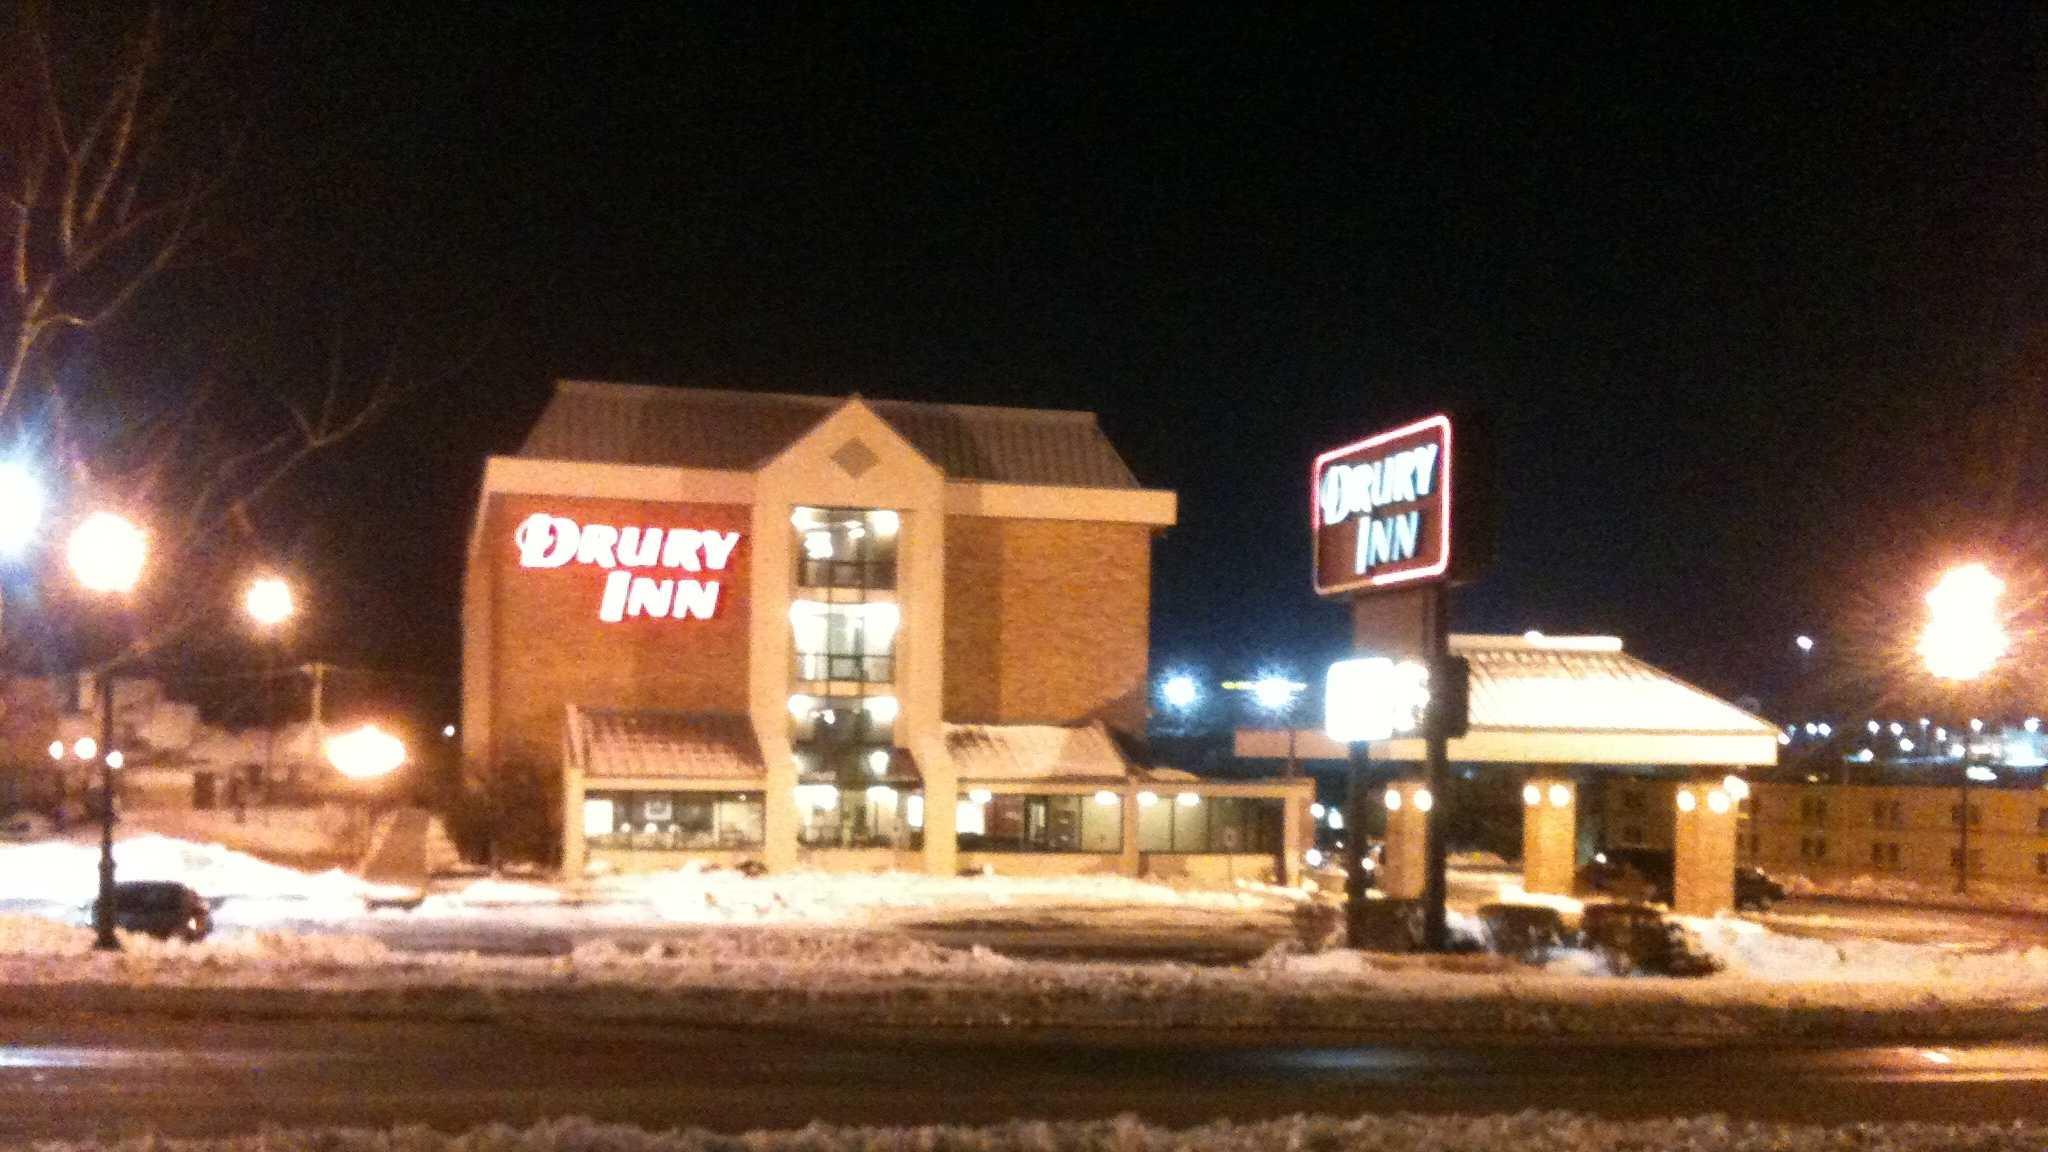 Image Drury Inn evacuation